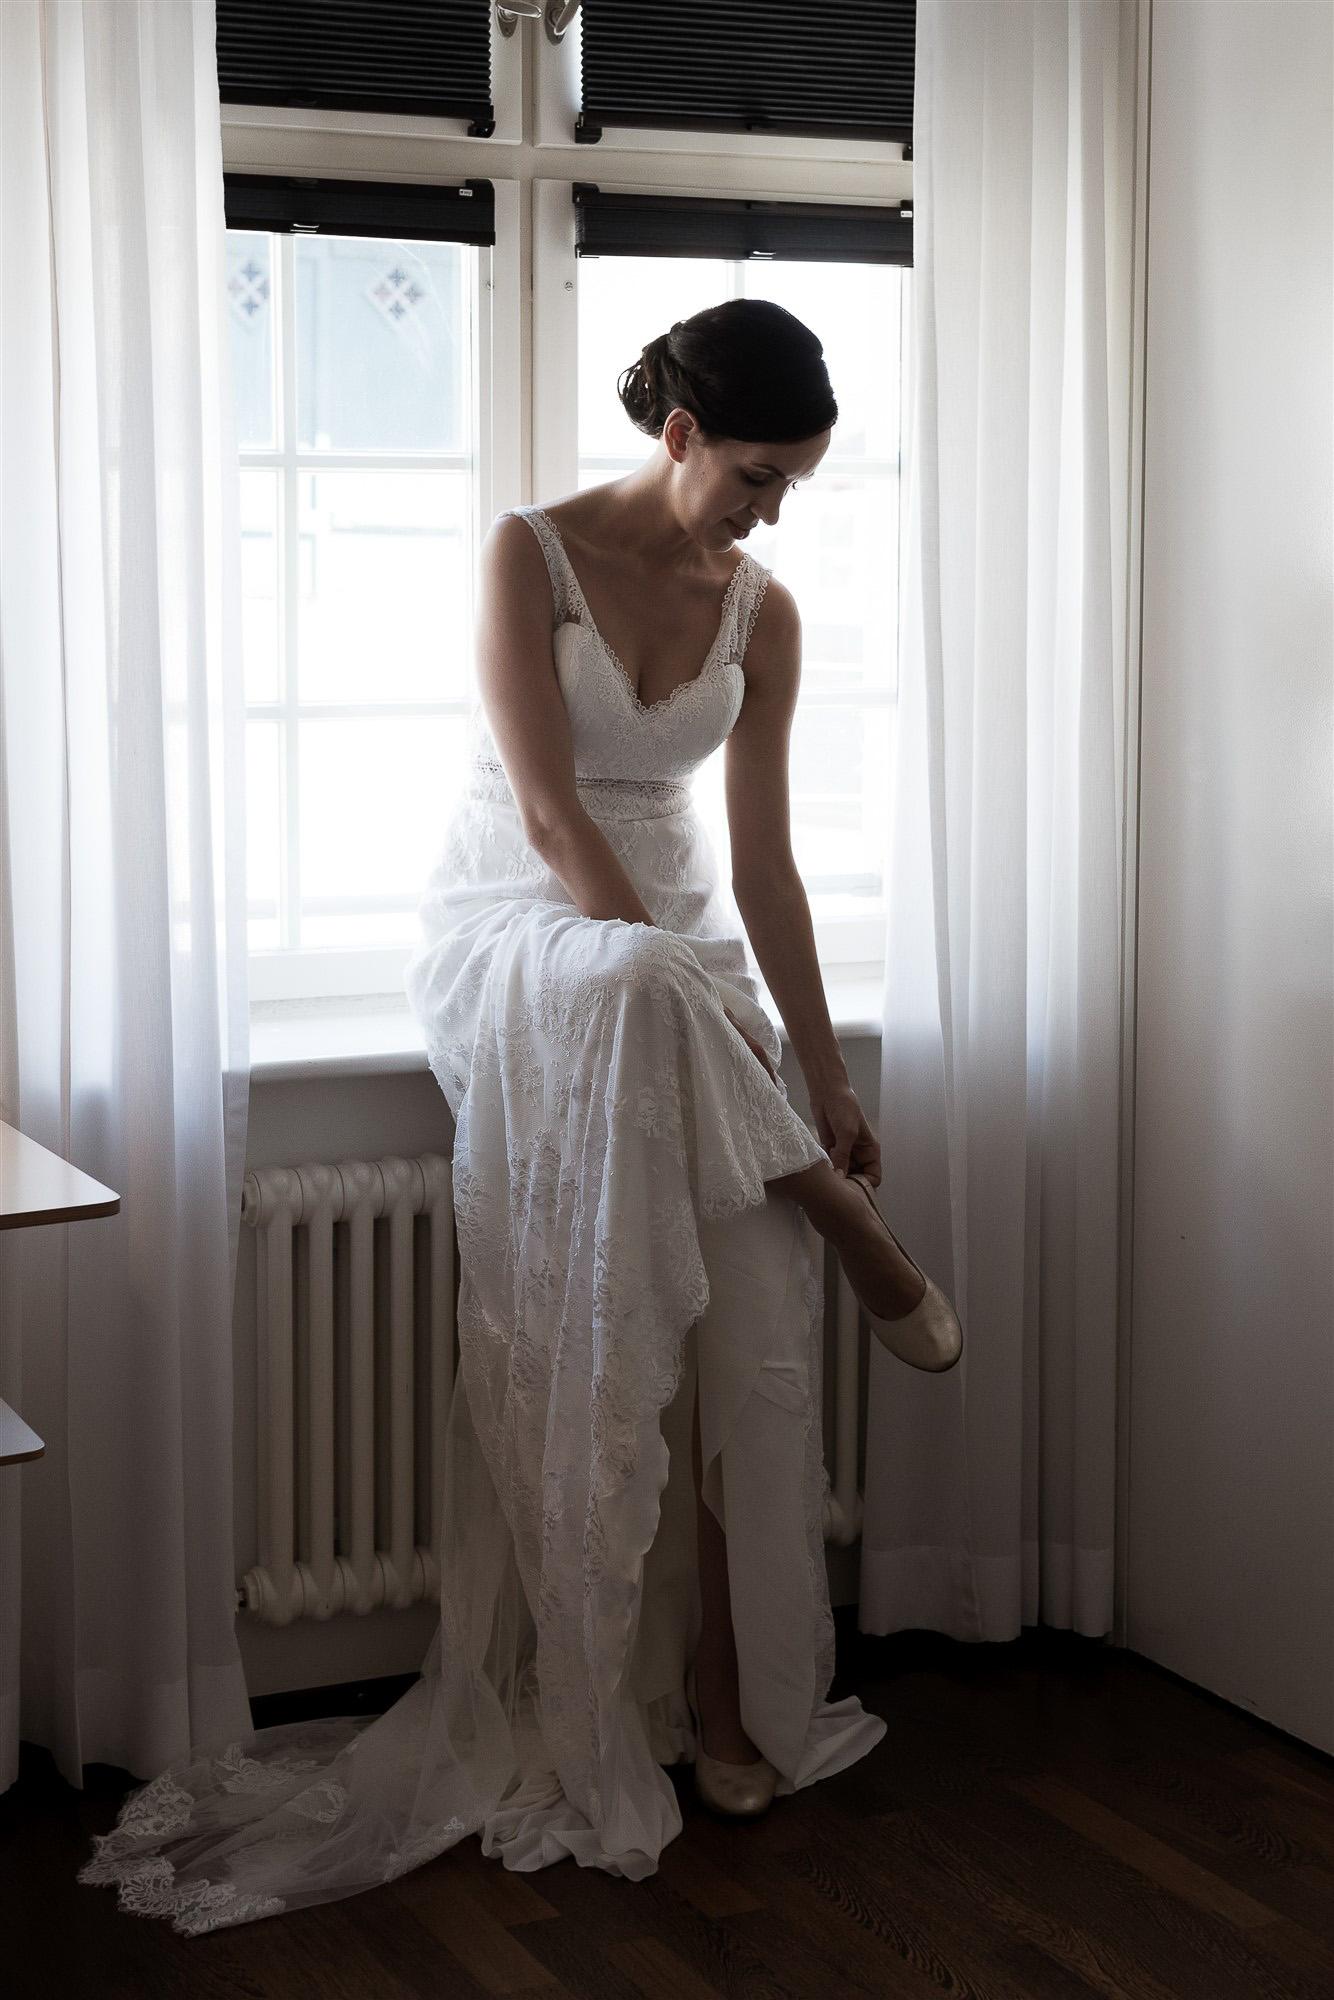 Getting Ready der Braut - Die Braut zieht ihre Schuhe an - Hochzeit im Teufelhof Basel - Hochzeitsfotograf Nicole Kym